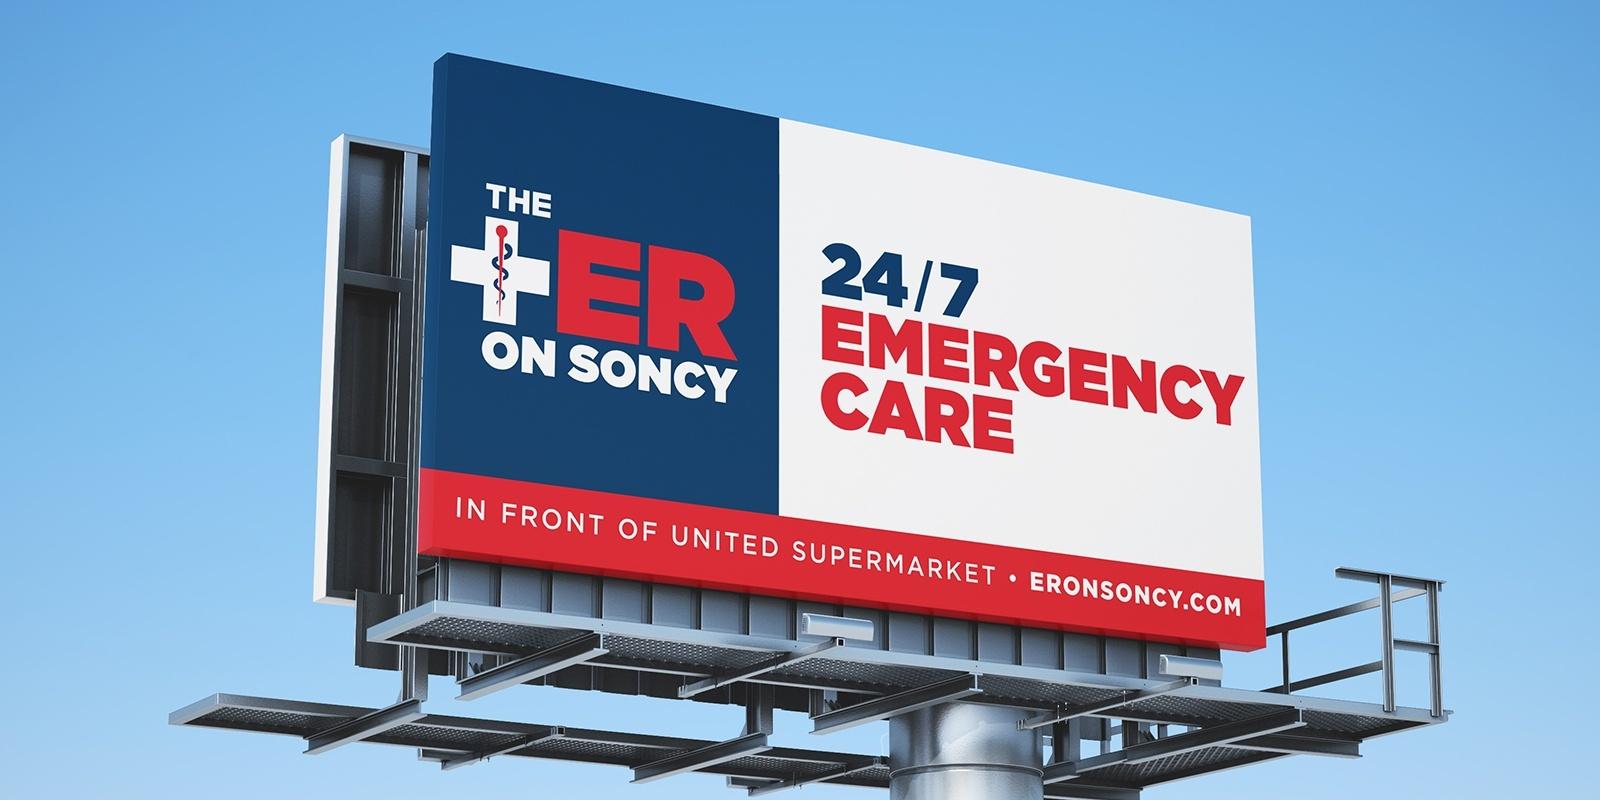 The Er on soncy billboard design